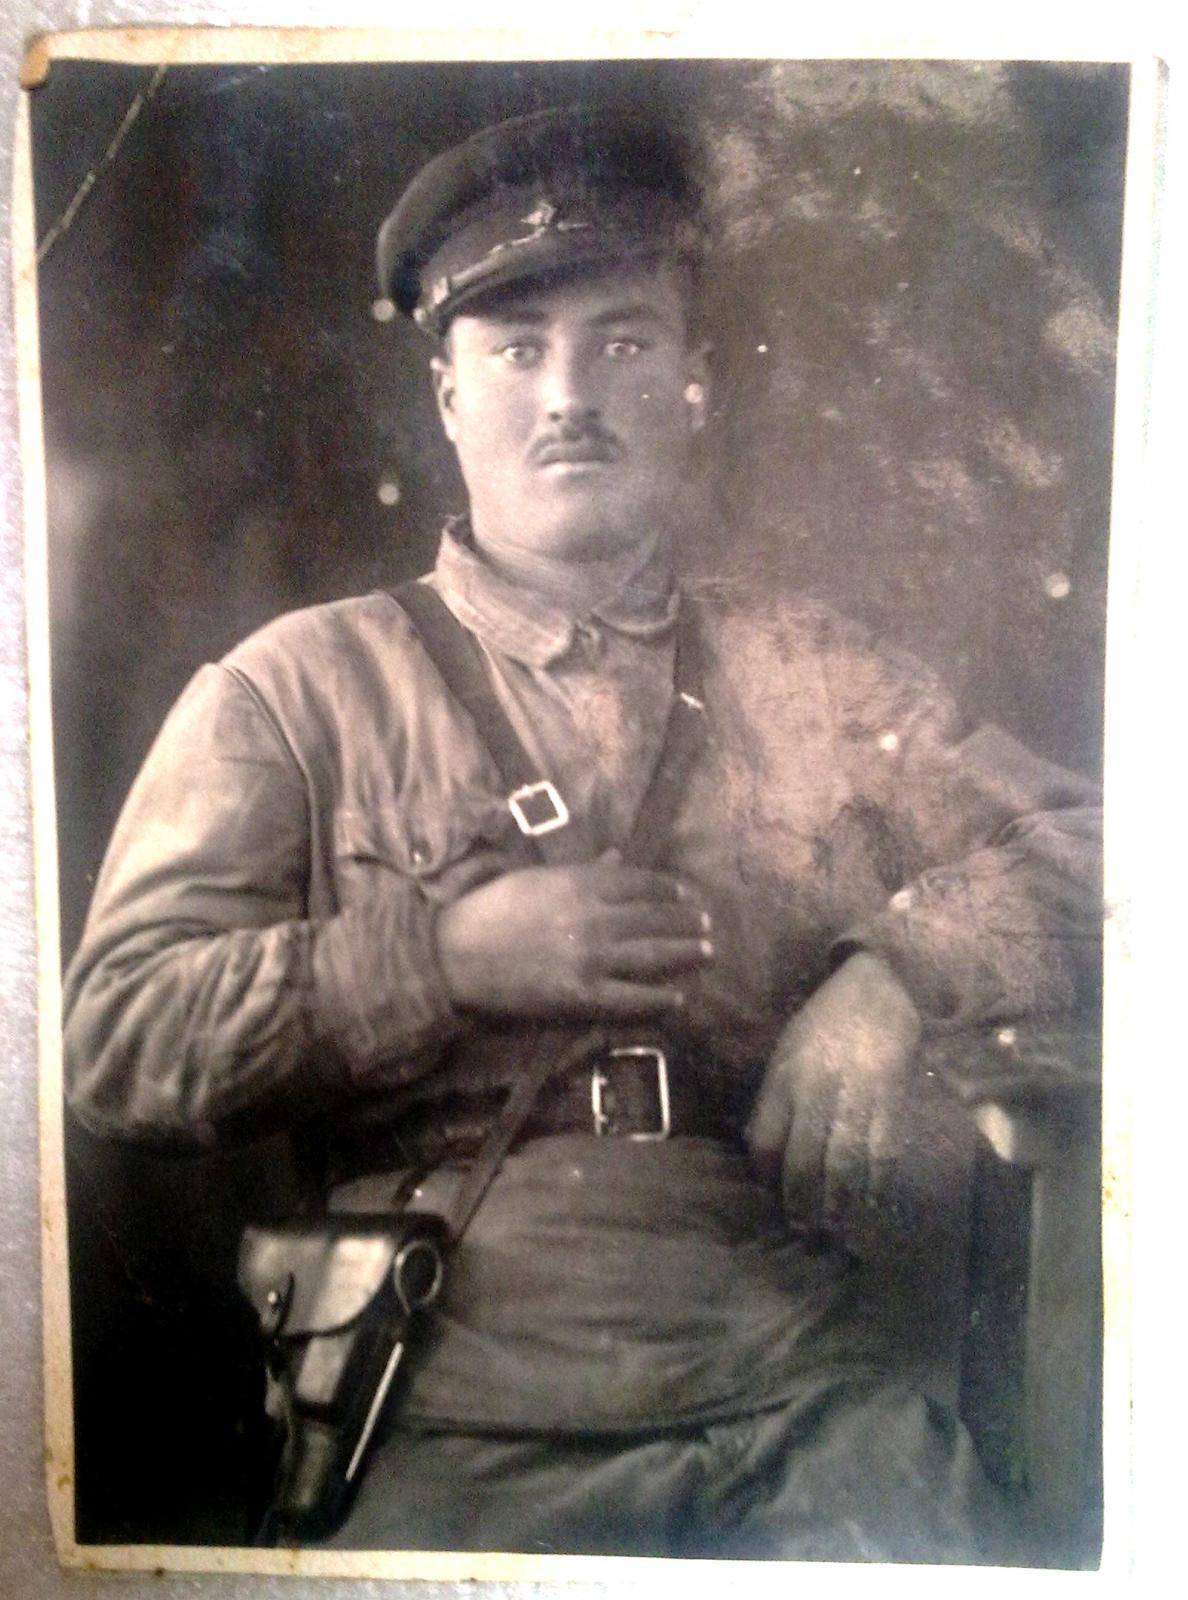 1942. Комадир роты Истребительного батальона в Марнеульском районе ГССР